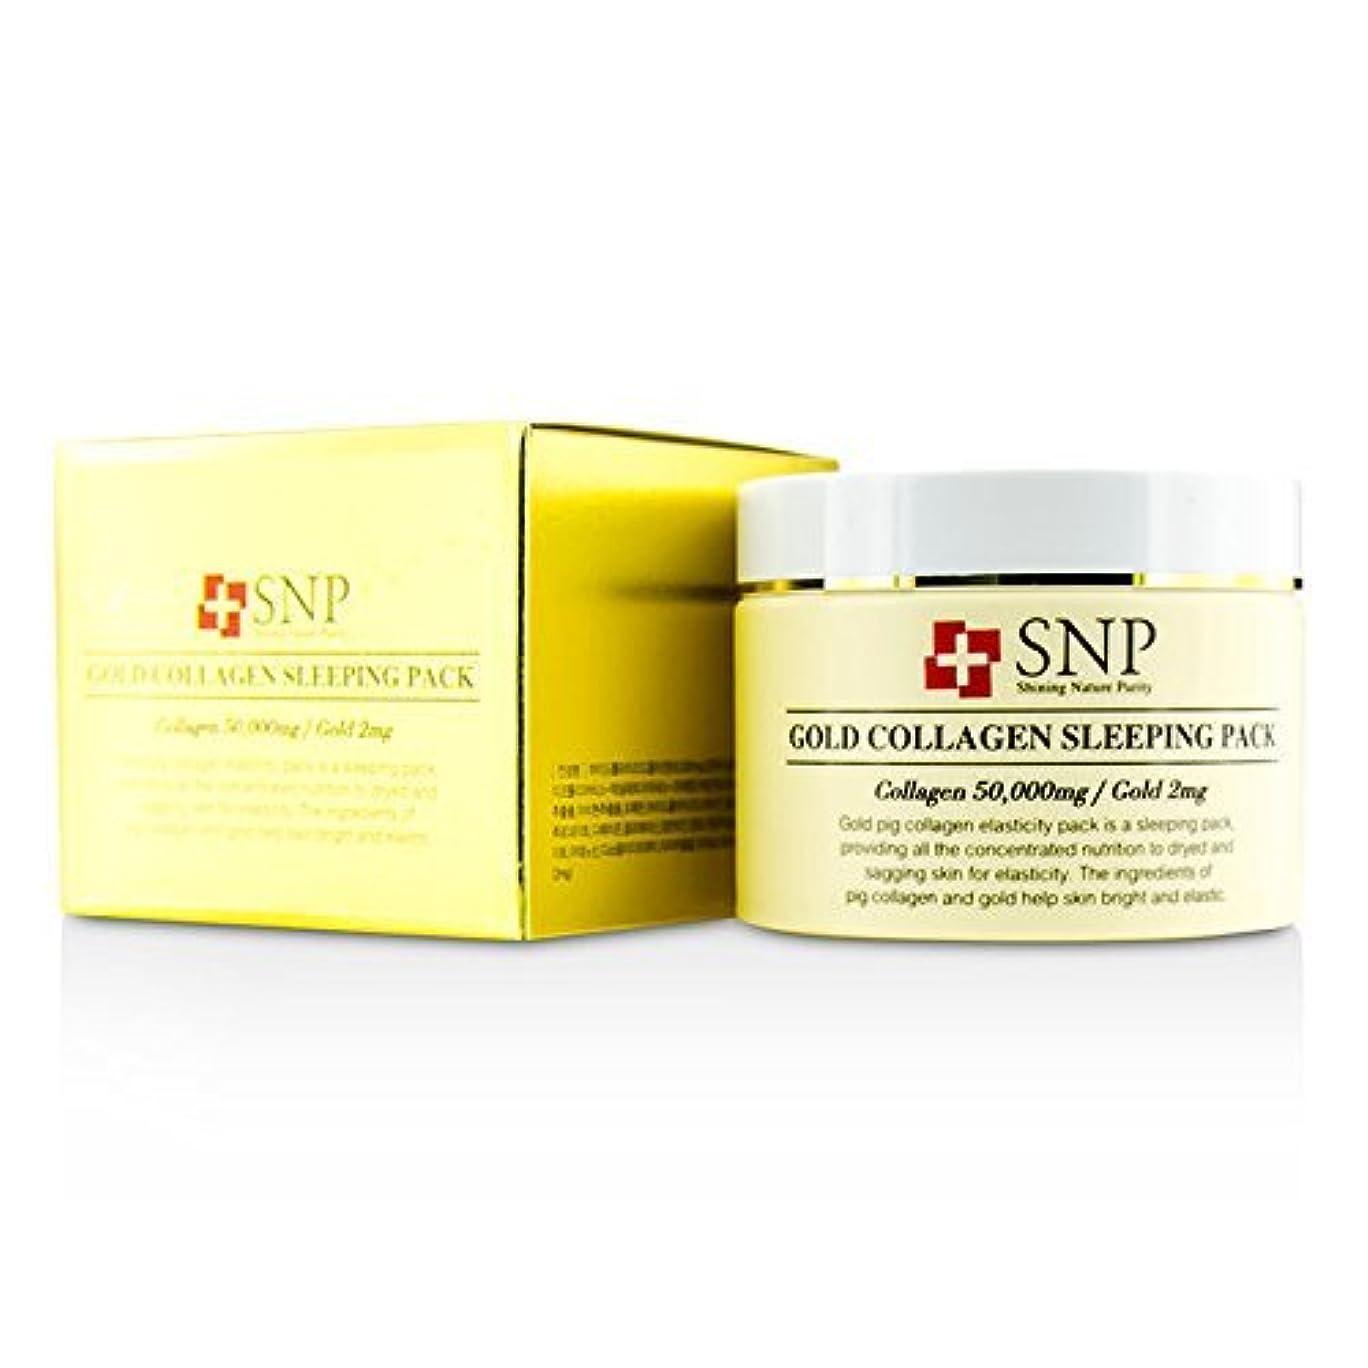 優れました論文飽和するSNP ゴールドコラーゲン スリーピングパック Gold Collagen Sleeping Pack - Elasticity 100g/3.5oz 睡眠パック [並行輸入品]